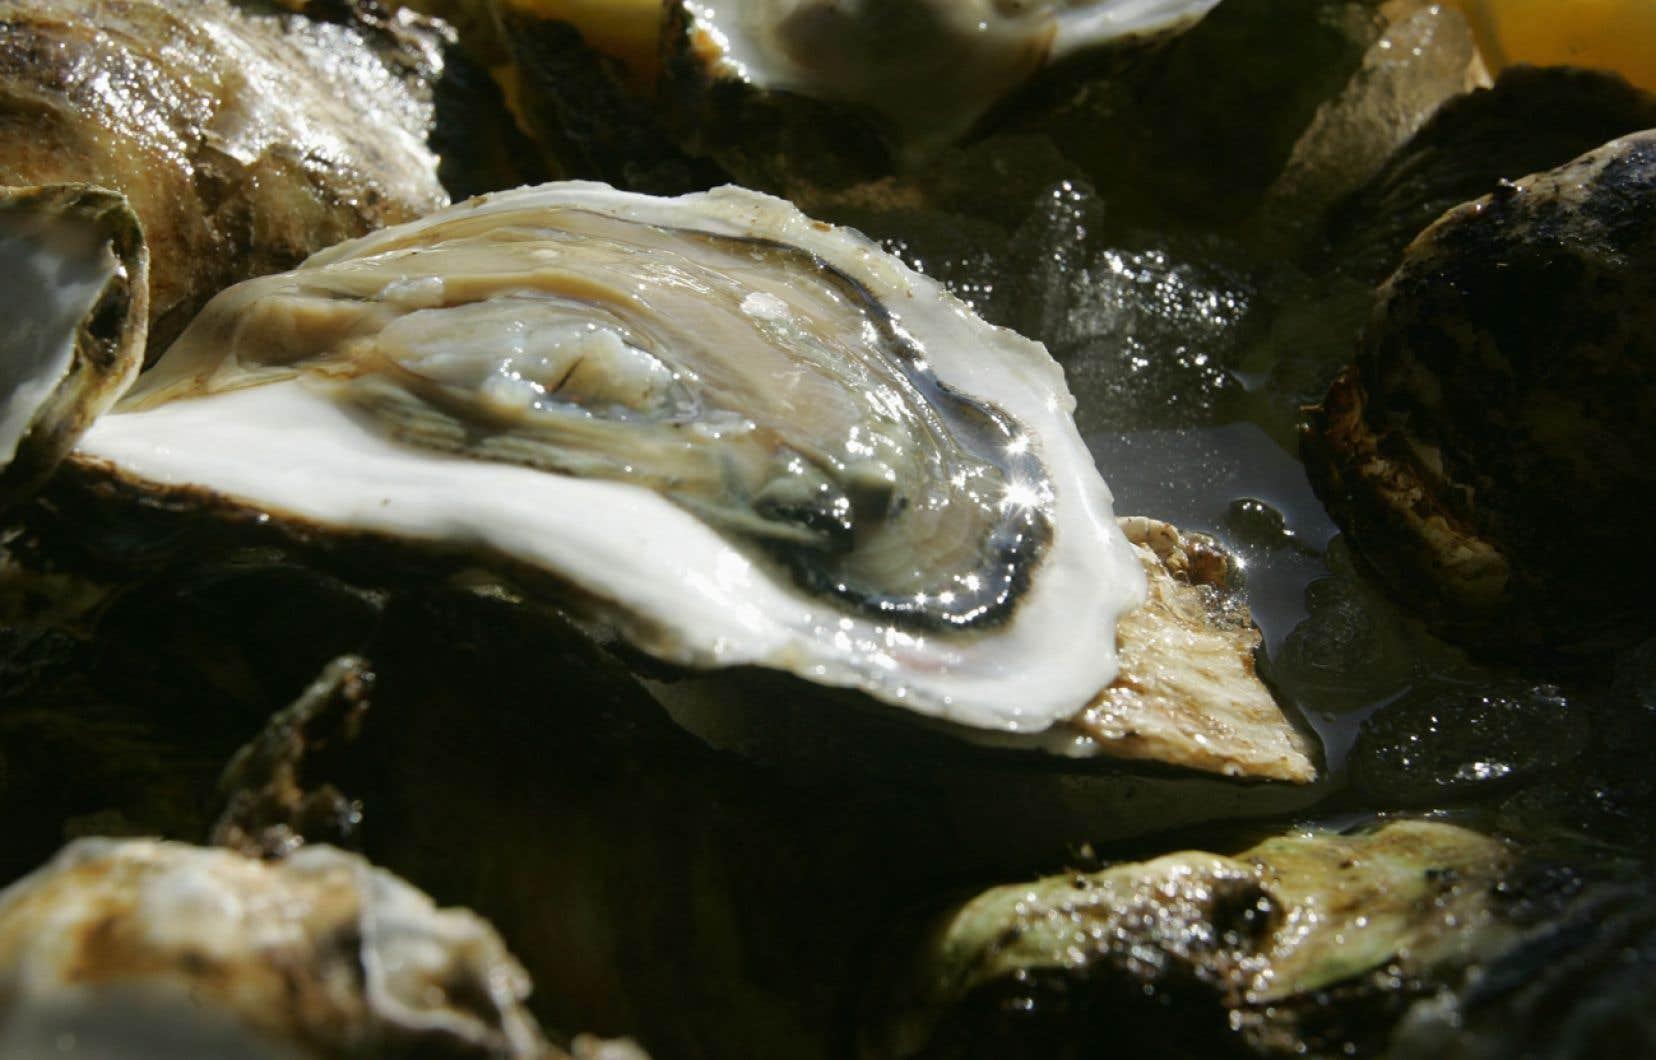 L'acidification des océans réduit le ph de l'eau, ce qui provoque une série d'impacts, dont une réduction de la disponibilité du carbonate de calcium, essentiel aux jeunes mollusques pour se constituer une coquille.